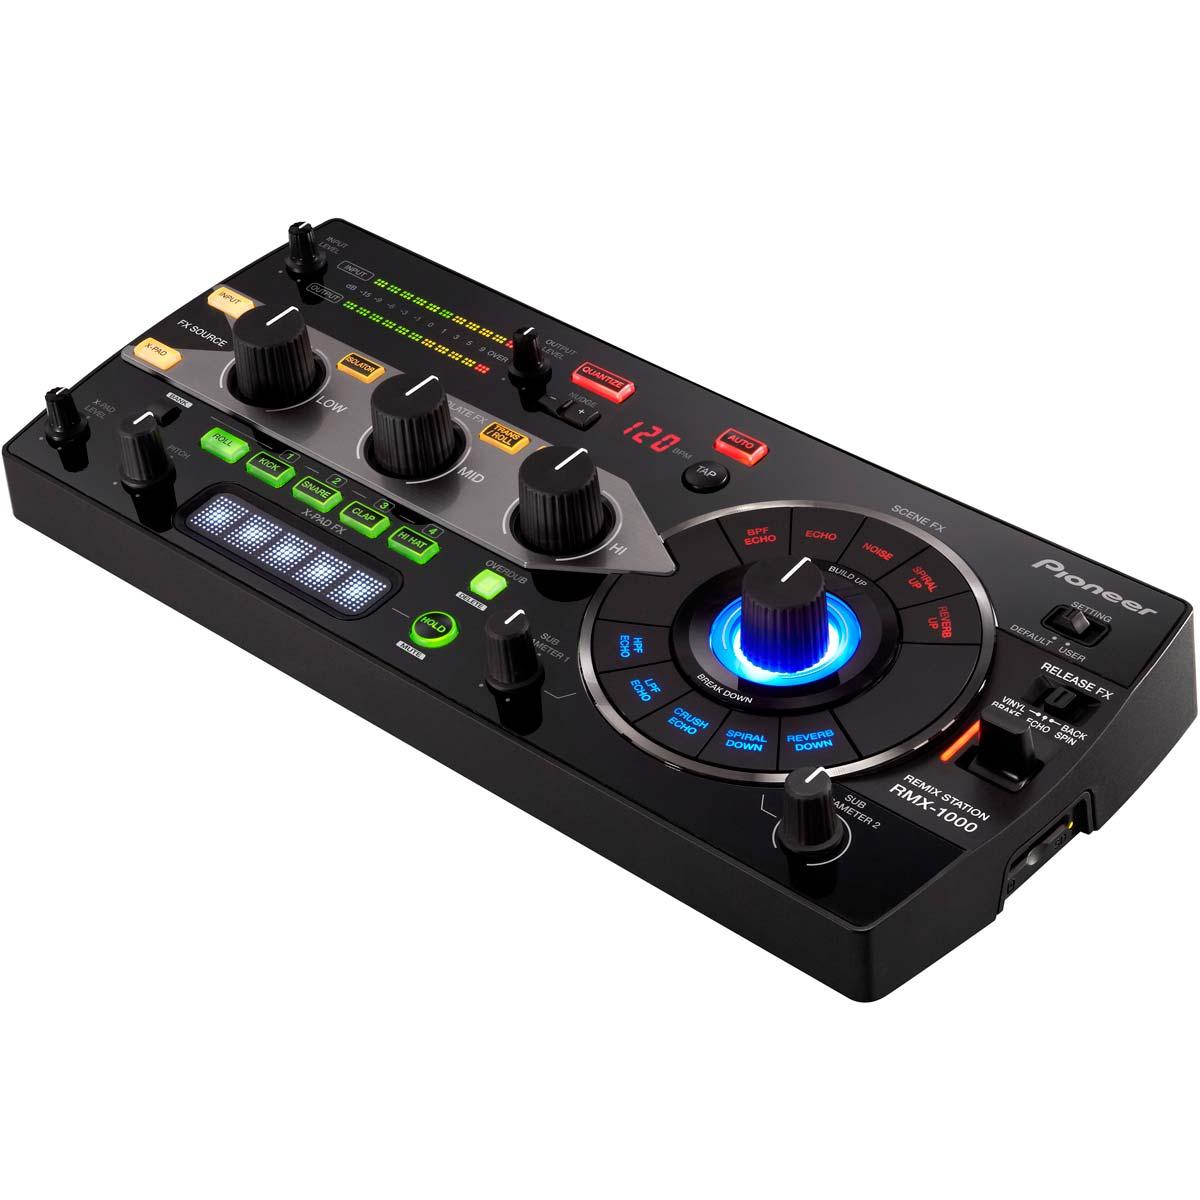 RMX1000 - Controladora DJ Digital RMX 1000 Preta - Pioneer